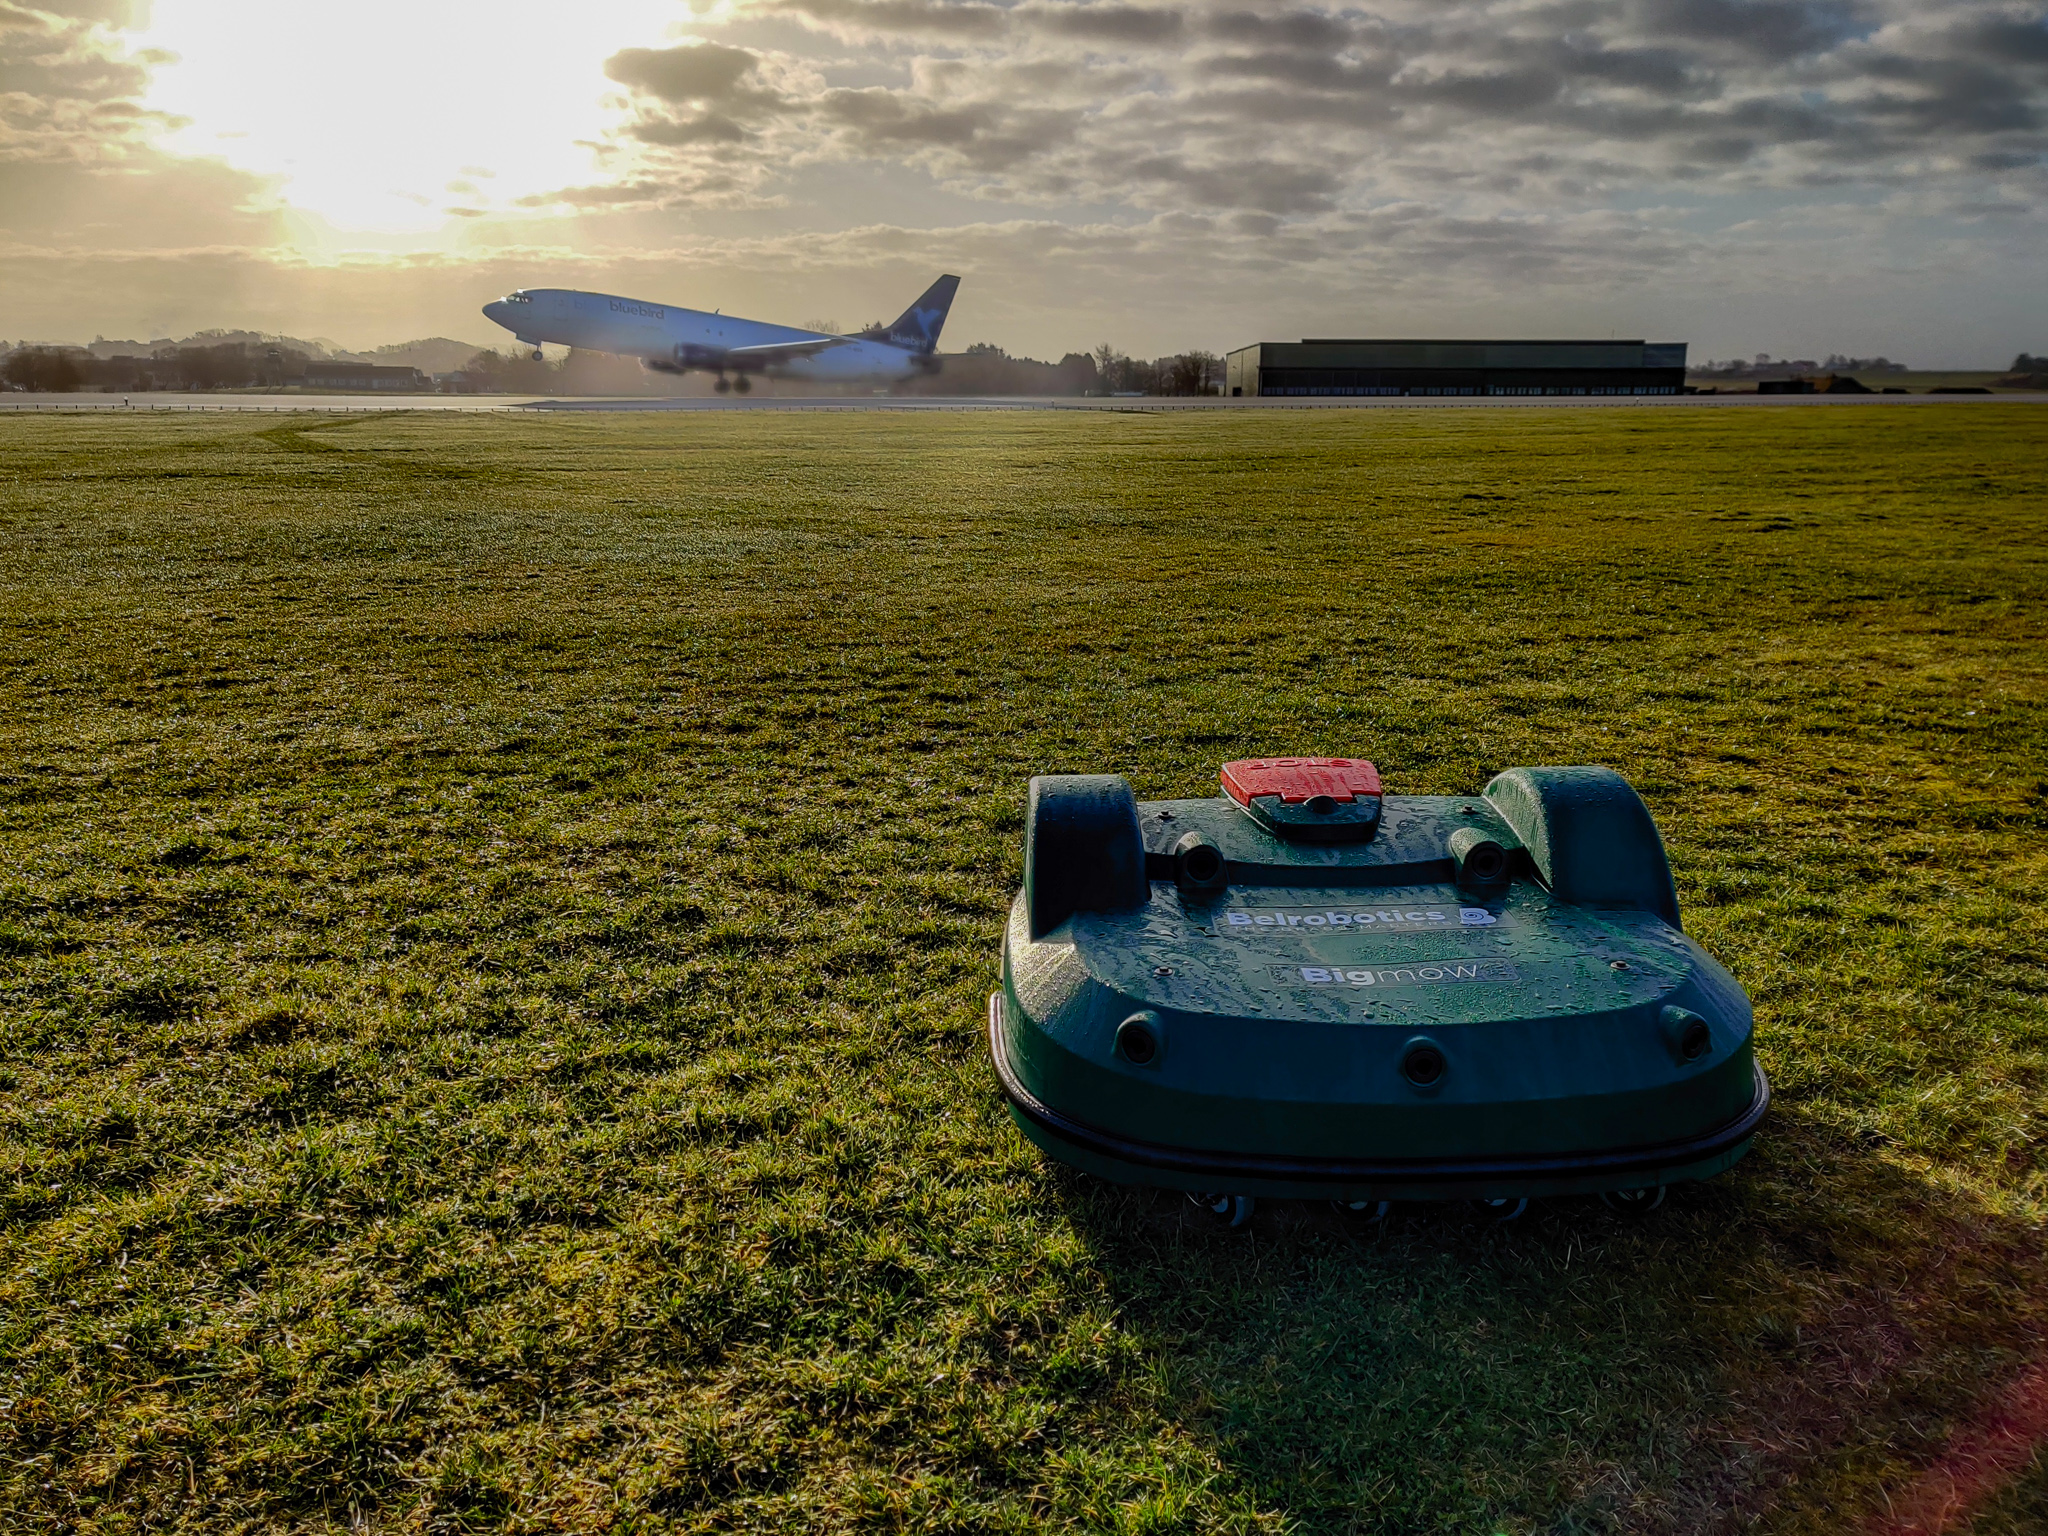 Robot tondeuse automatisée pour aéroport : retour de cas